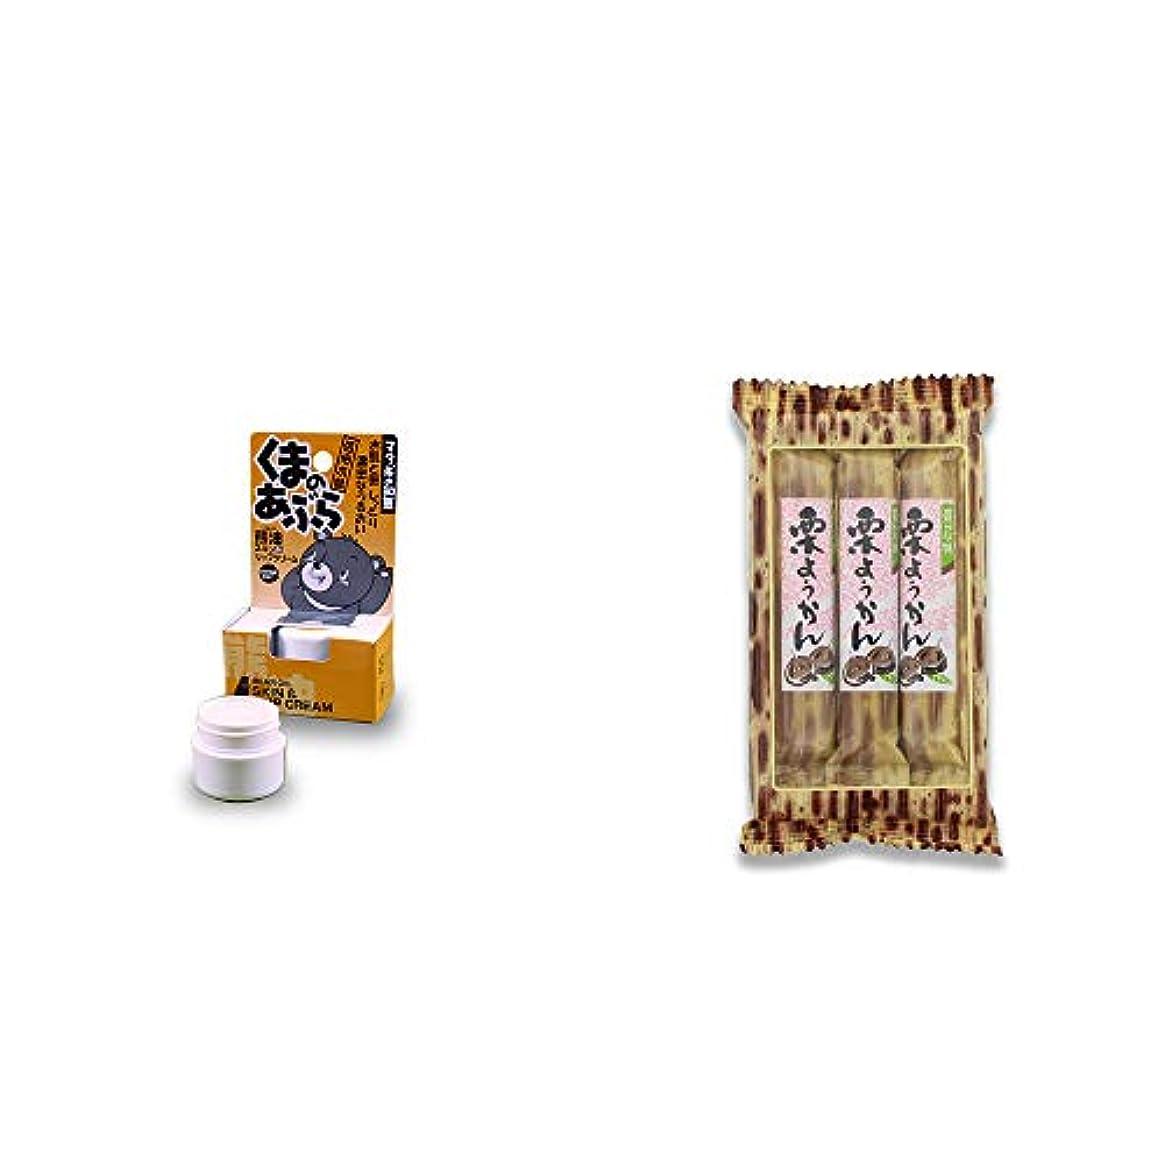 カウンタ返済渇き[2点セット] 信州木曽 くまのあぶら 熊油スキン&リップクリーム(9g)?スティックようかん[栗](50g×3本)